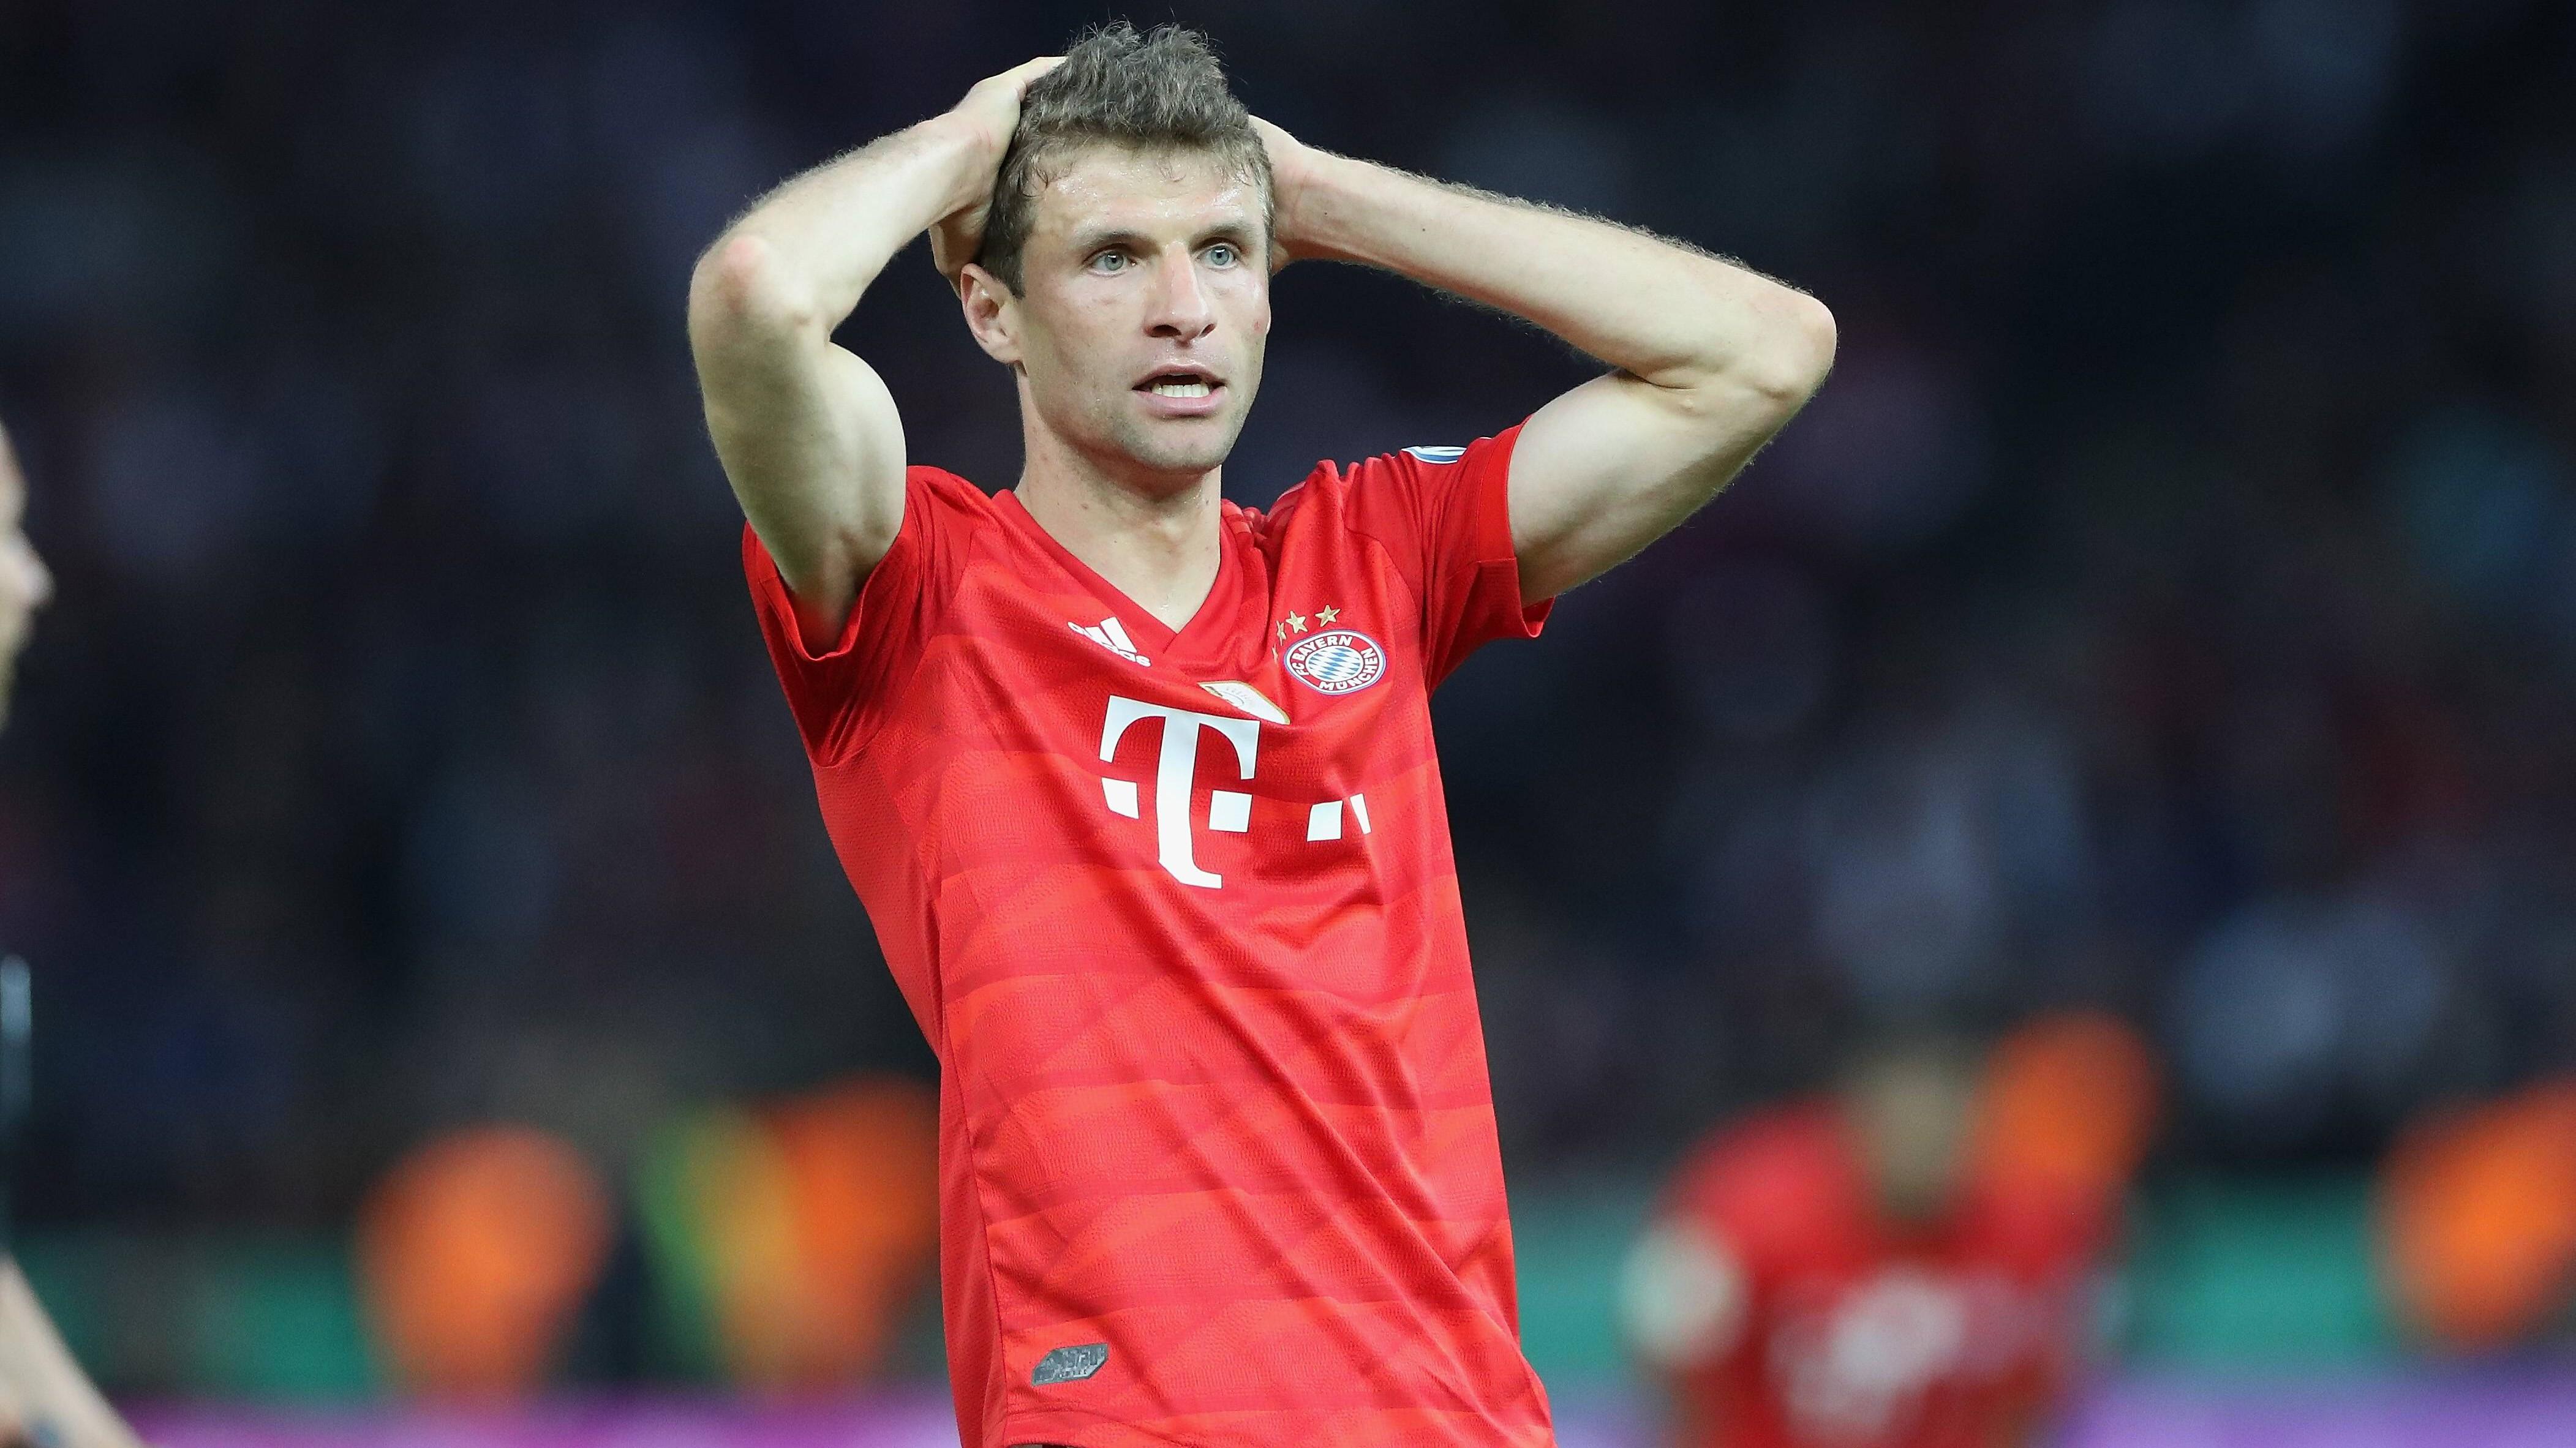 Daten-Analyst erklärt: Weder FC Bayern noch Gladbach werden Meister